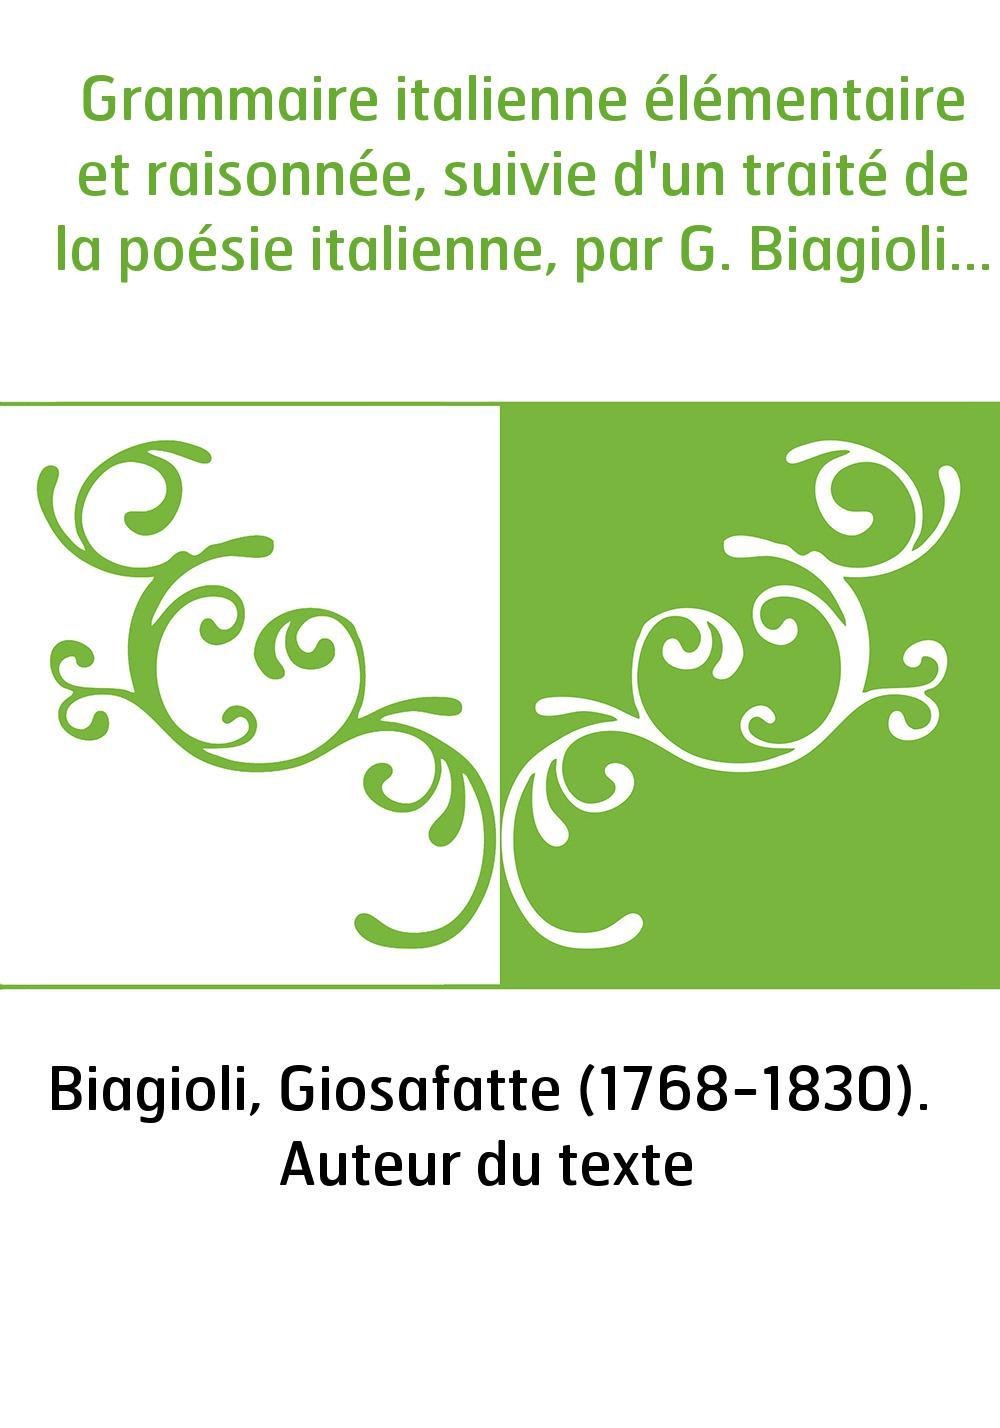 Grammaire italienne élémentaire et raisonnée, suivie d'un traité de la poésie italienne, par G. Biagioli...